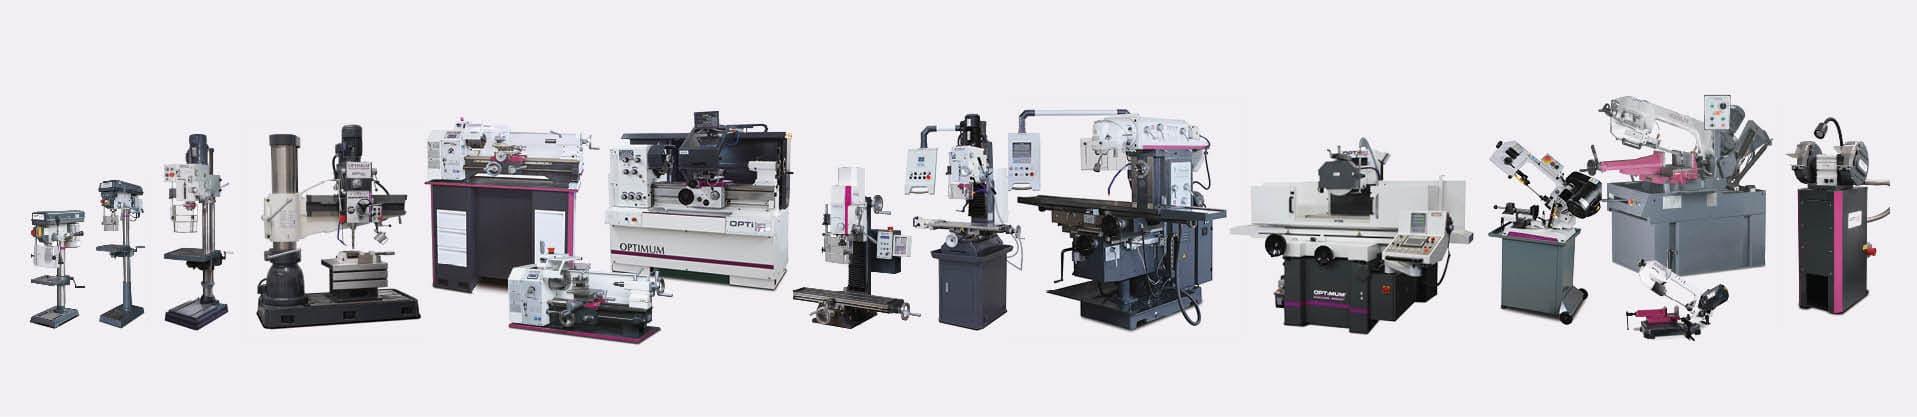 Machine-outils spécialisé dans l'usinage - Enlevement de matière